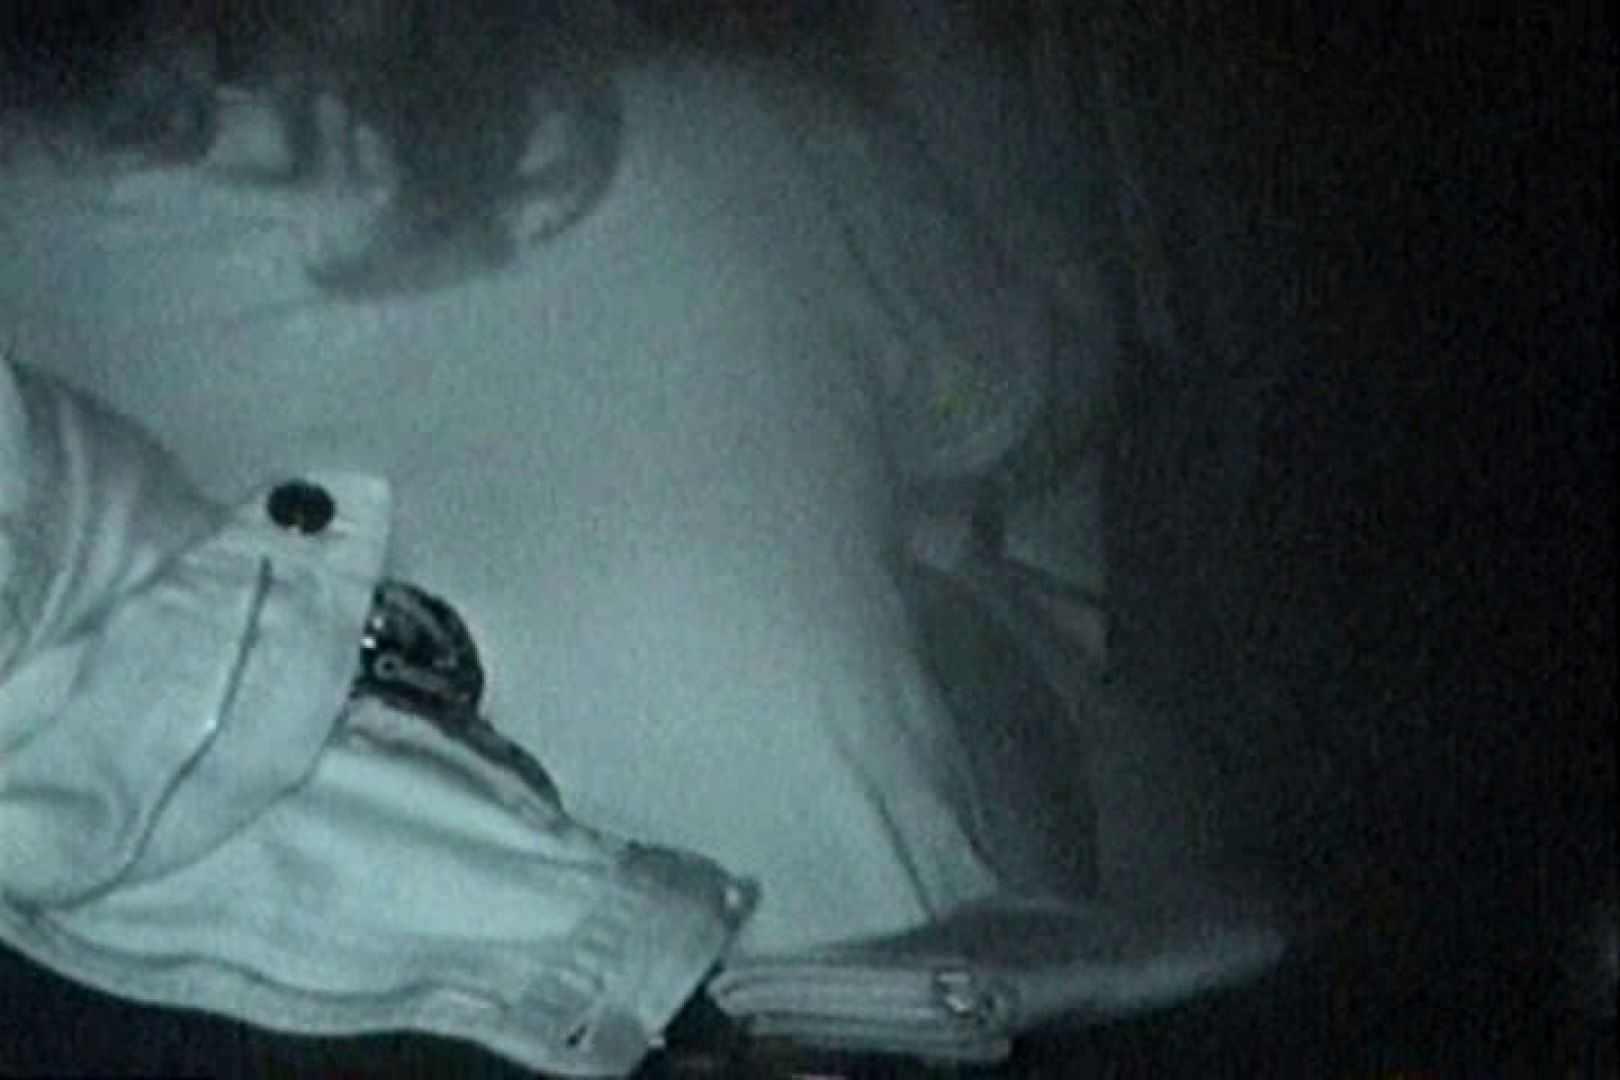 充血監督の深夜の運動会Vol.151 エッチなセックス   エロティックなOL  97画像 1